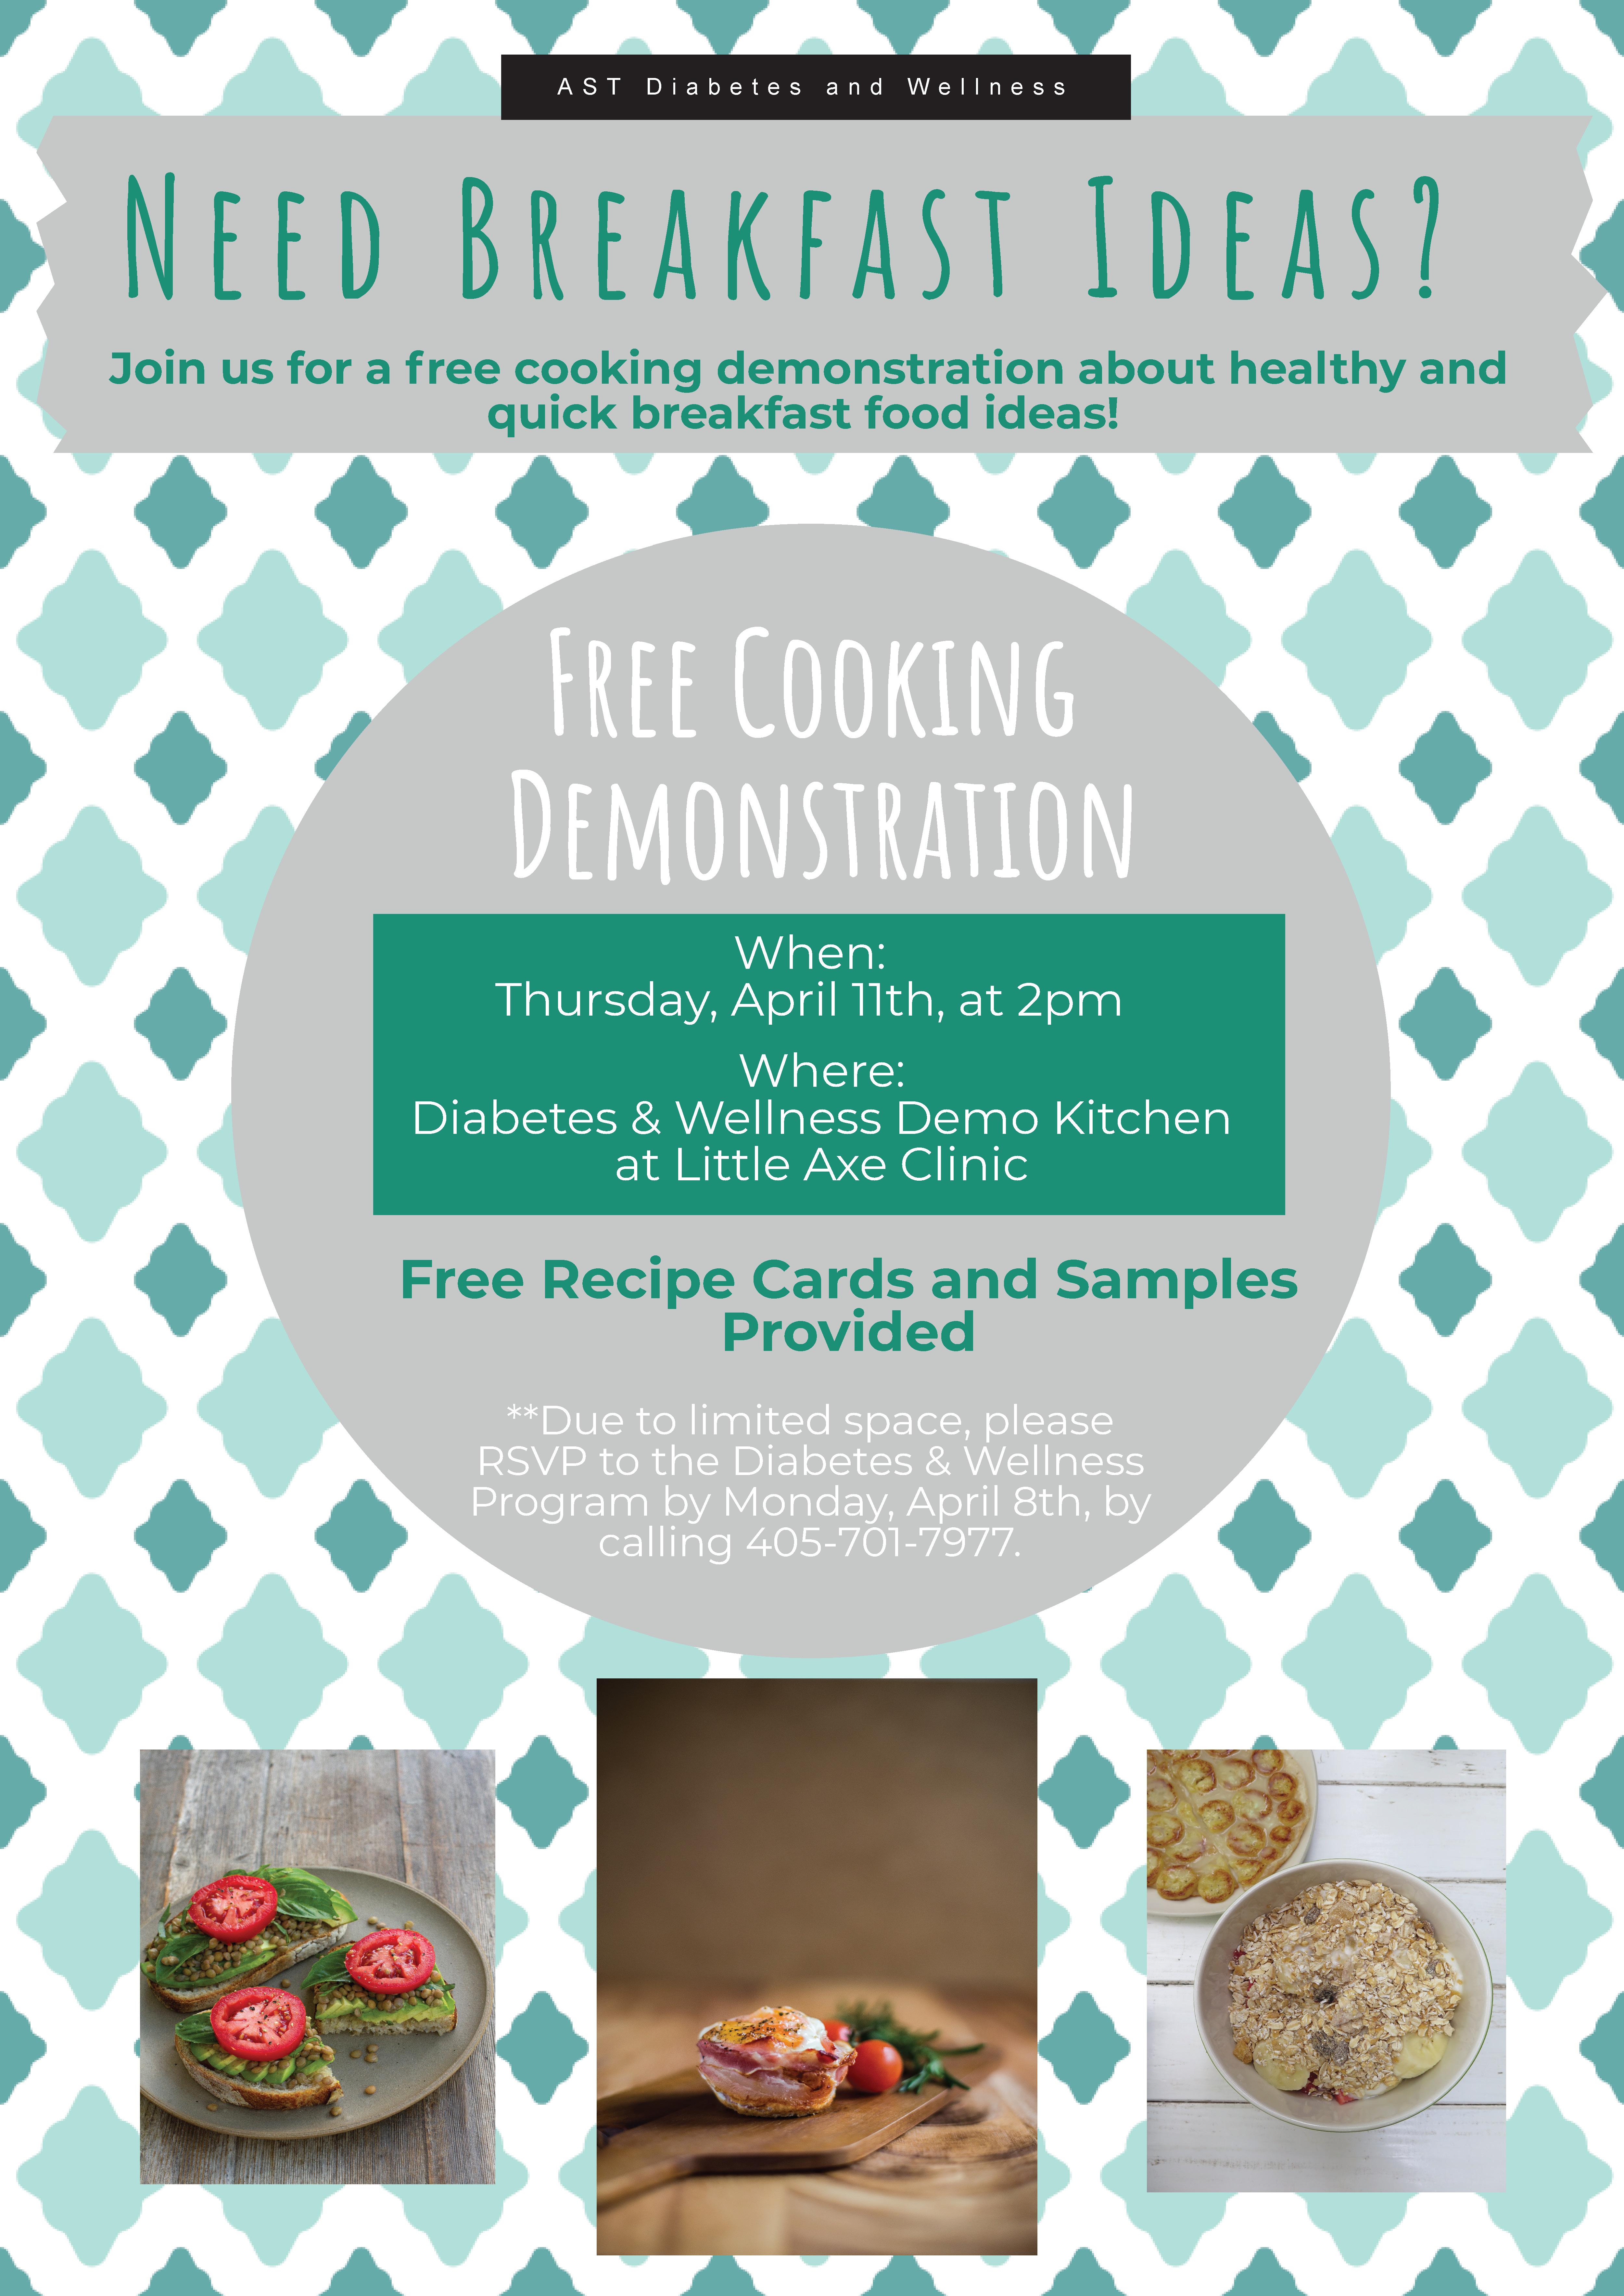 Diabetes Cooking Demonstation 4/11 | Absentee Shawnee Tribal Health